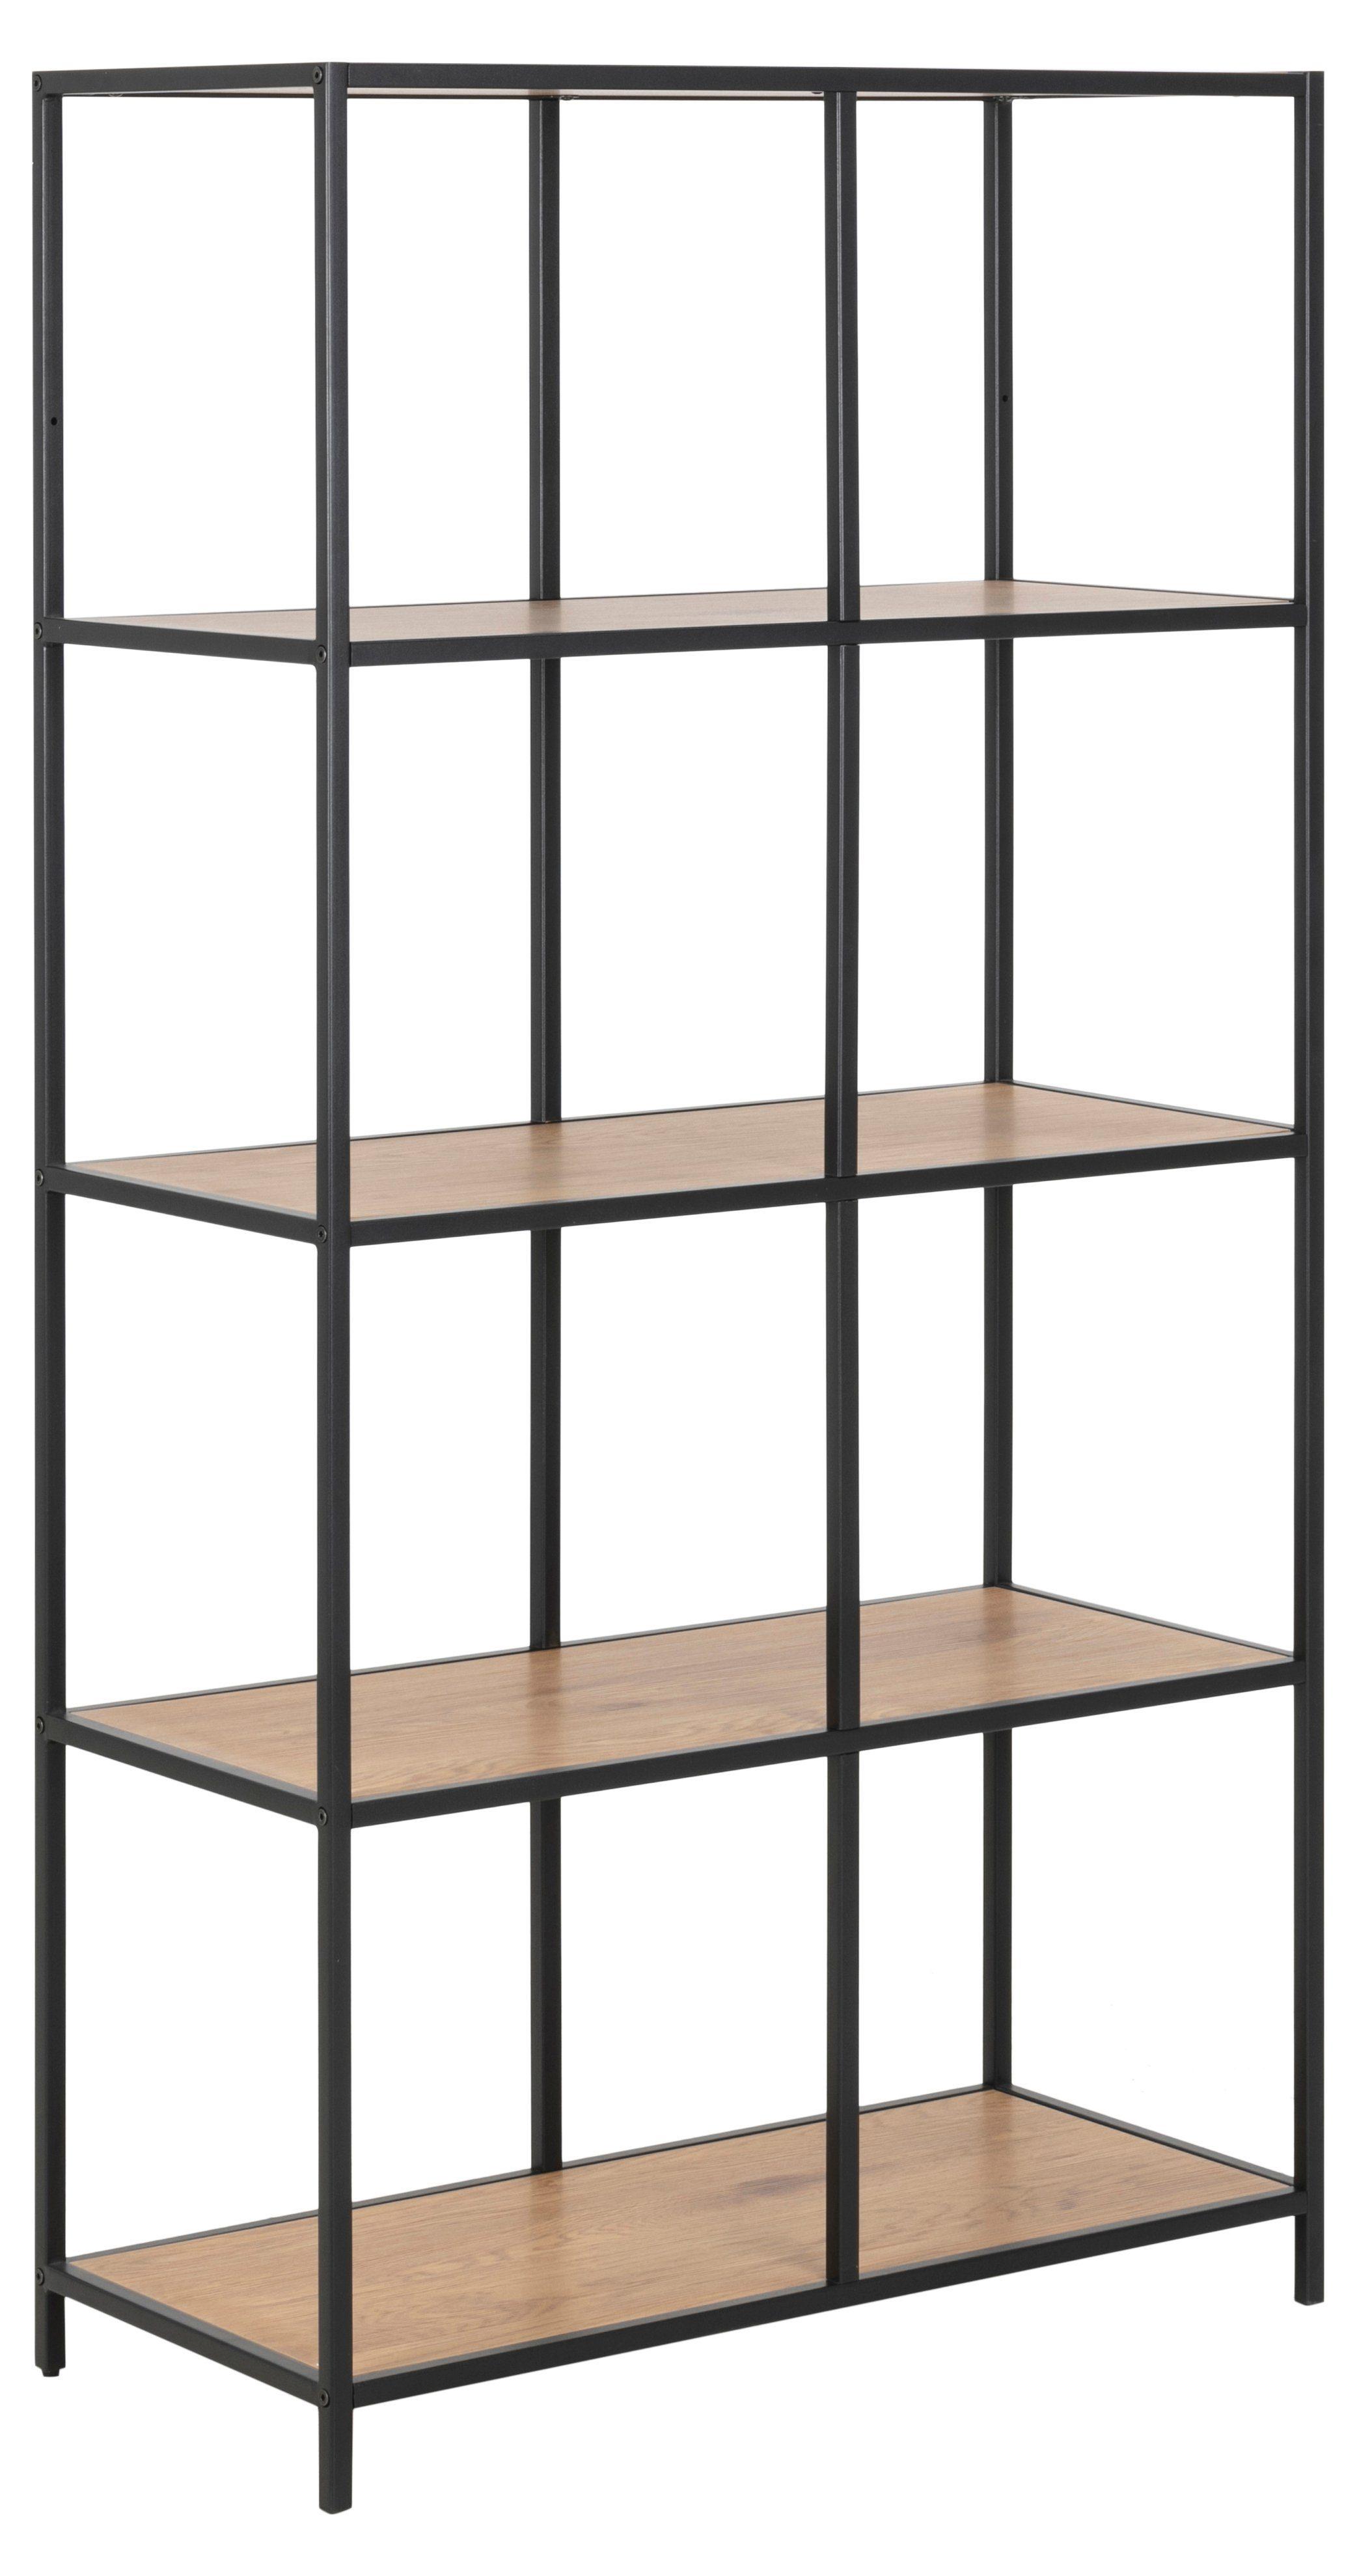 ebuy24 Raumteiler »Sea Regal 3 Ablagen Eiche, Metall schwarz